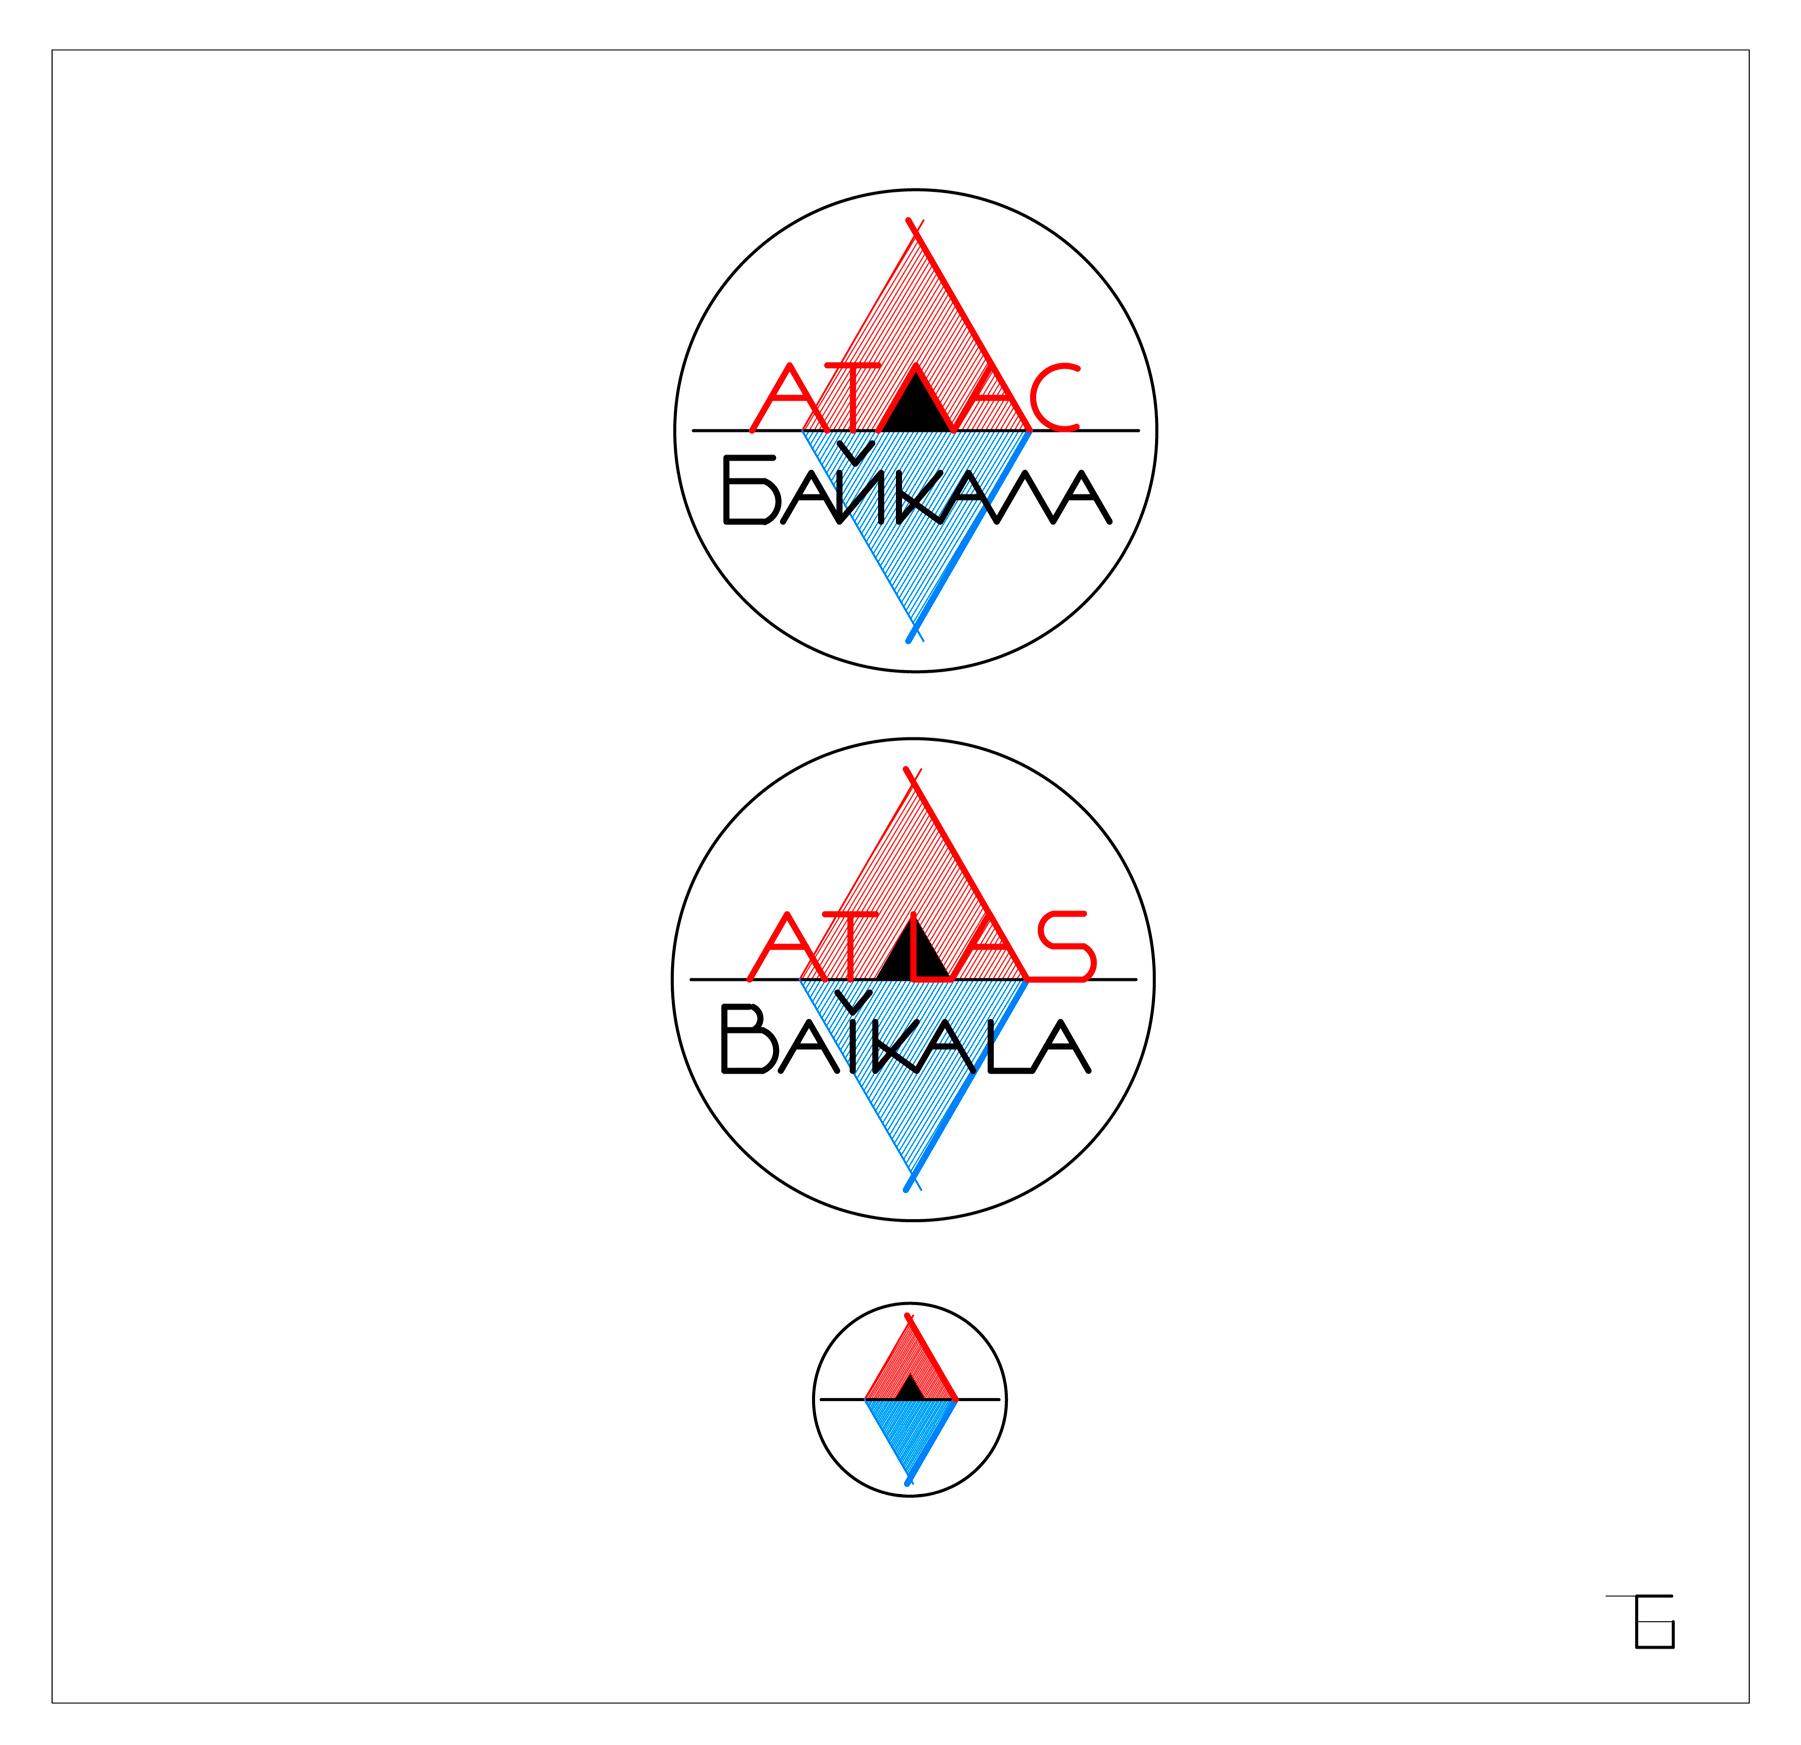 Разработка логотипа Атлас Байкала фото f_3945b050f18070c4.jpg